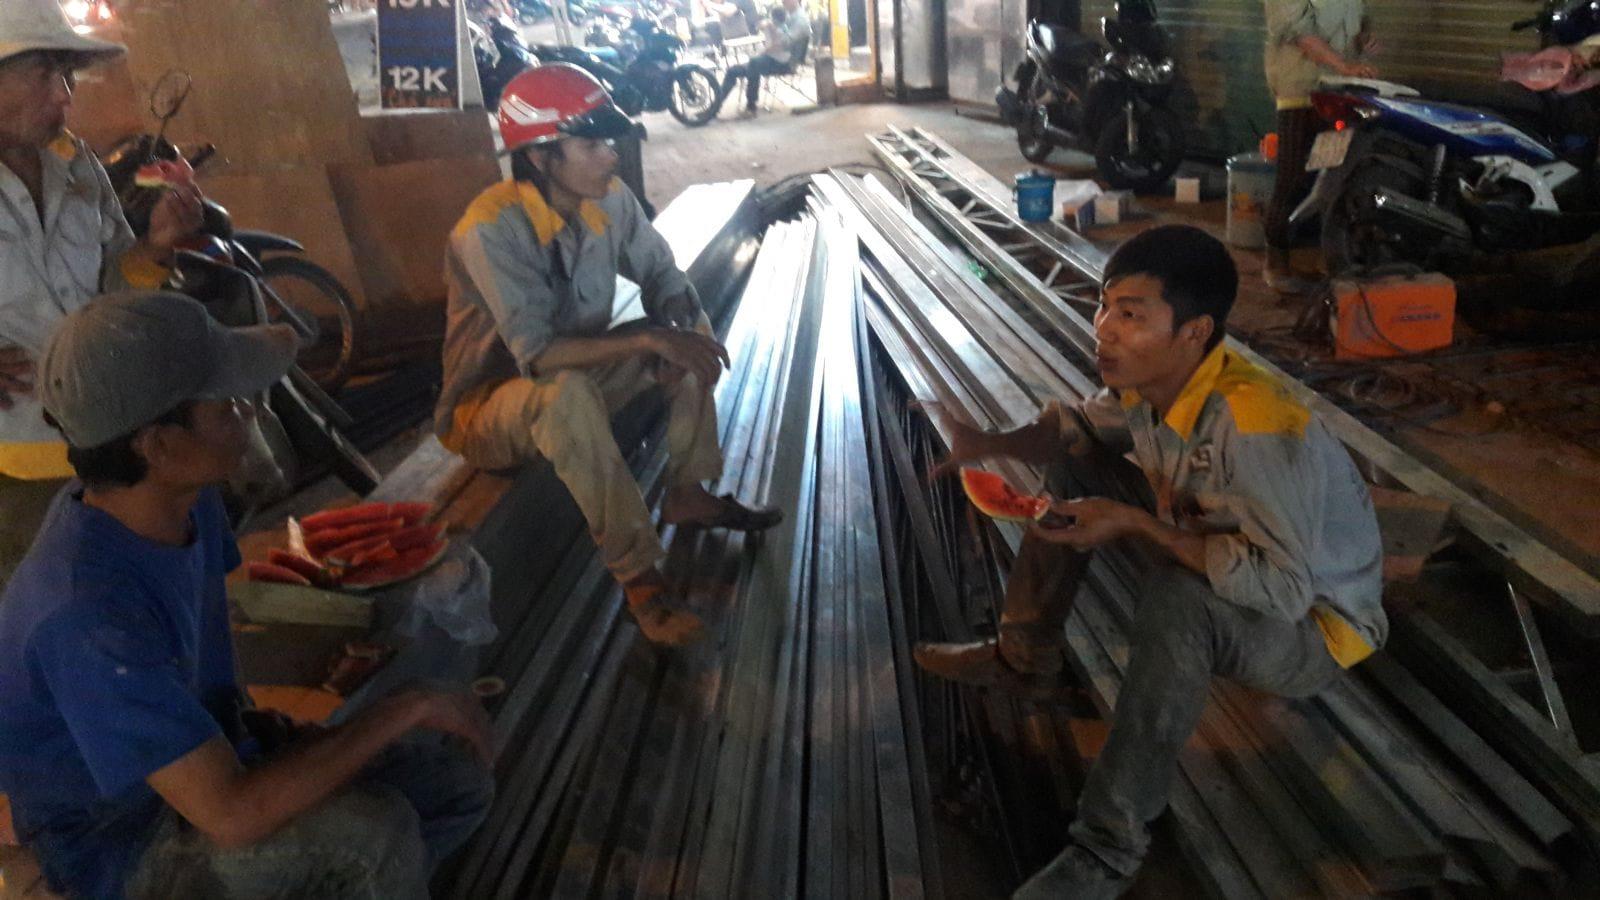 Anh em dùng bữa tạm trong giờ giải lao tại công trình